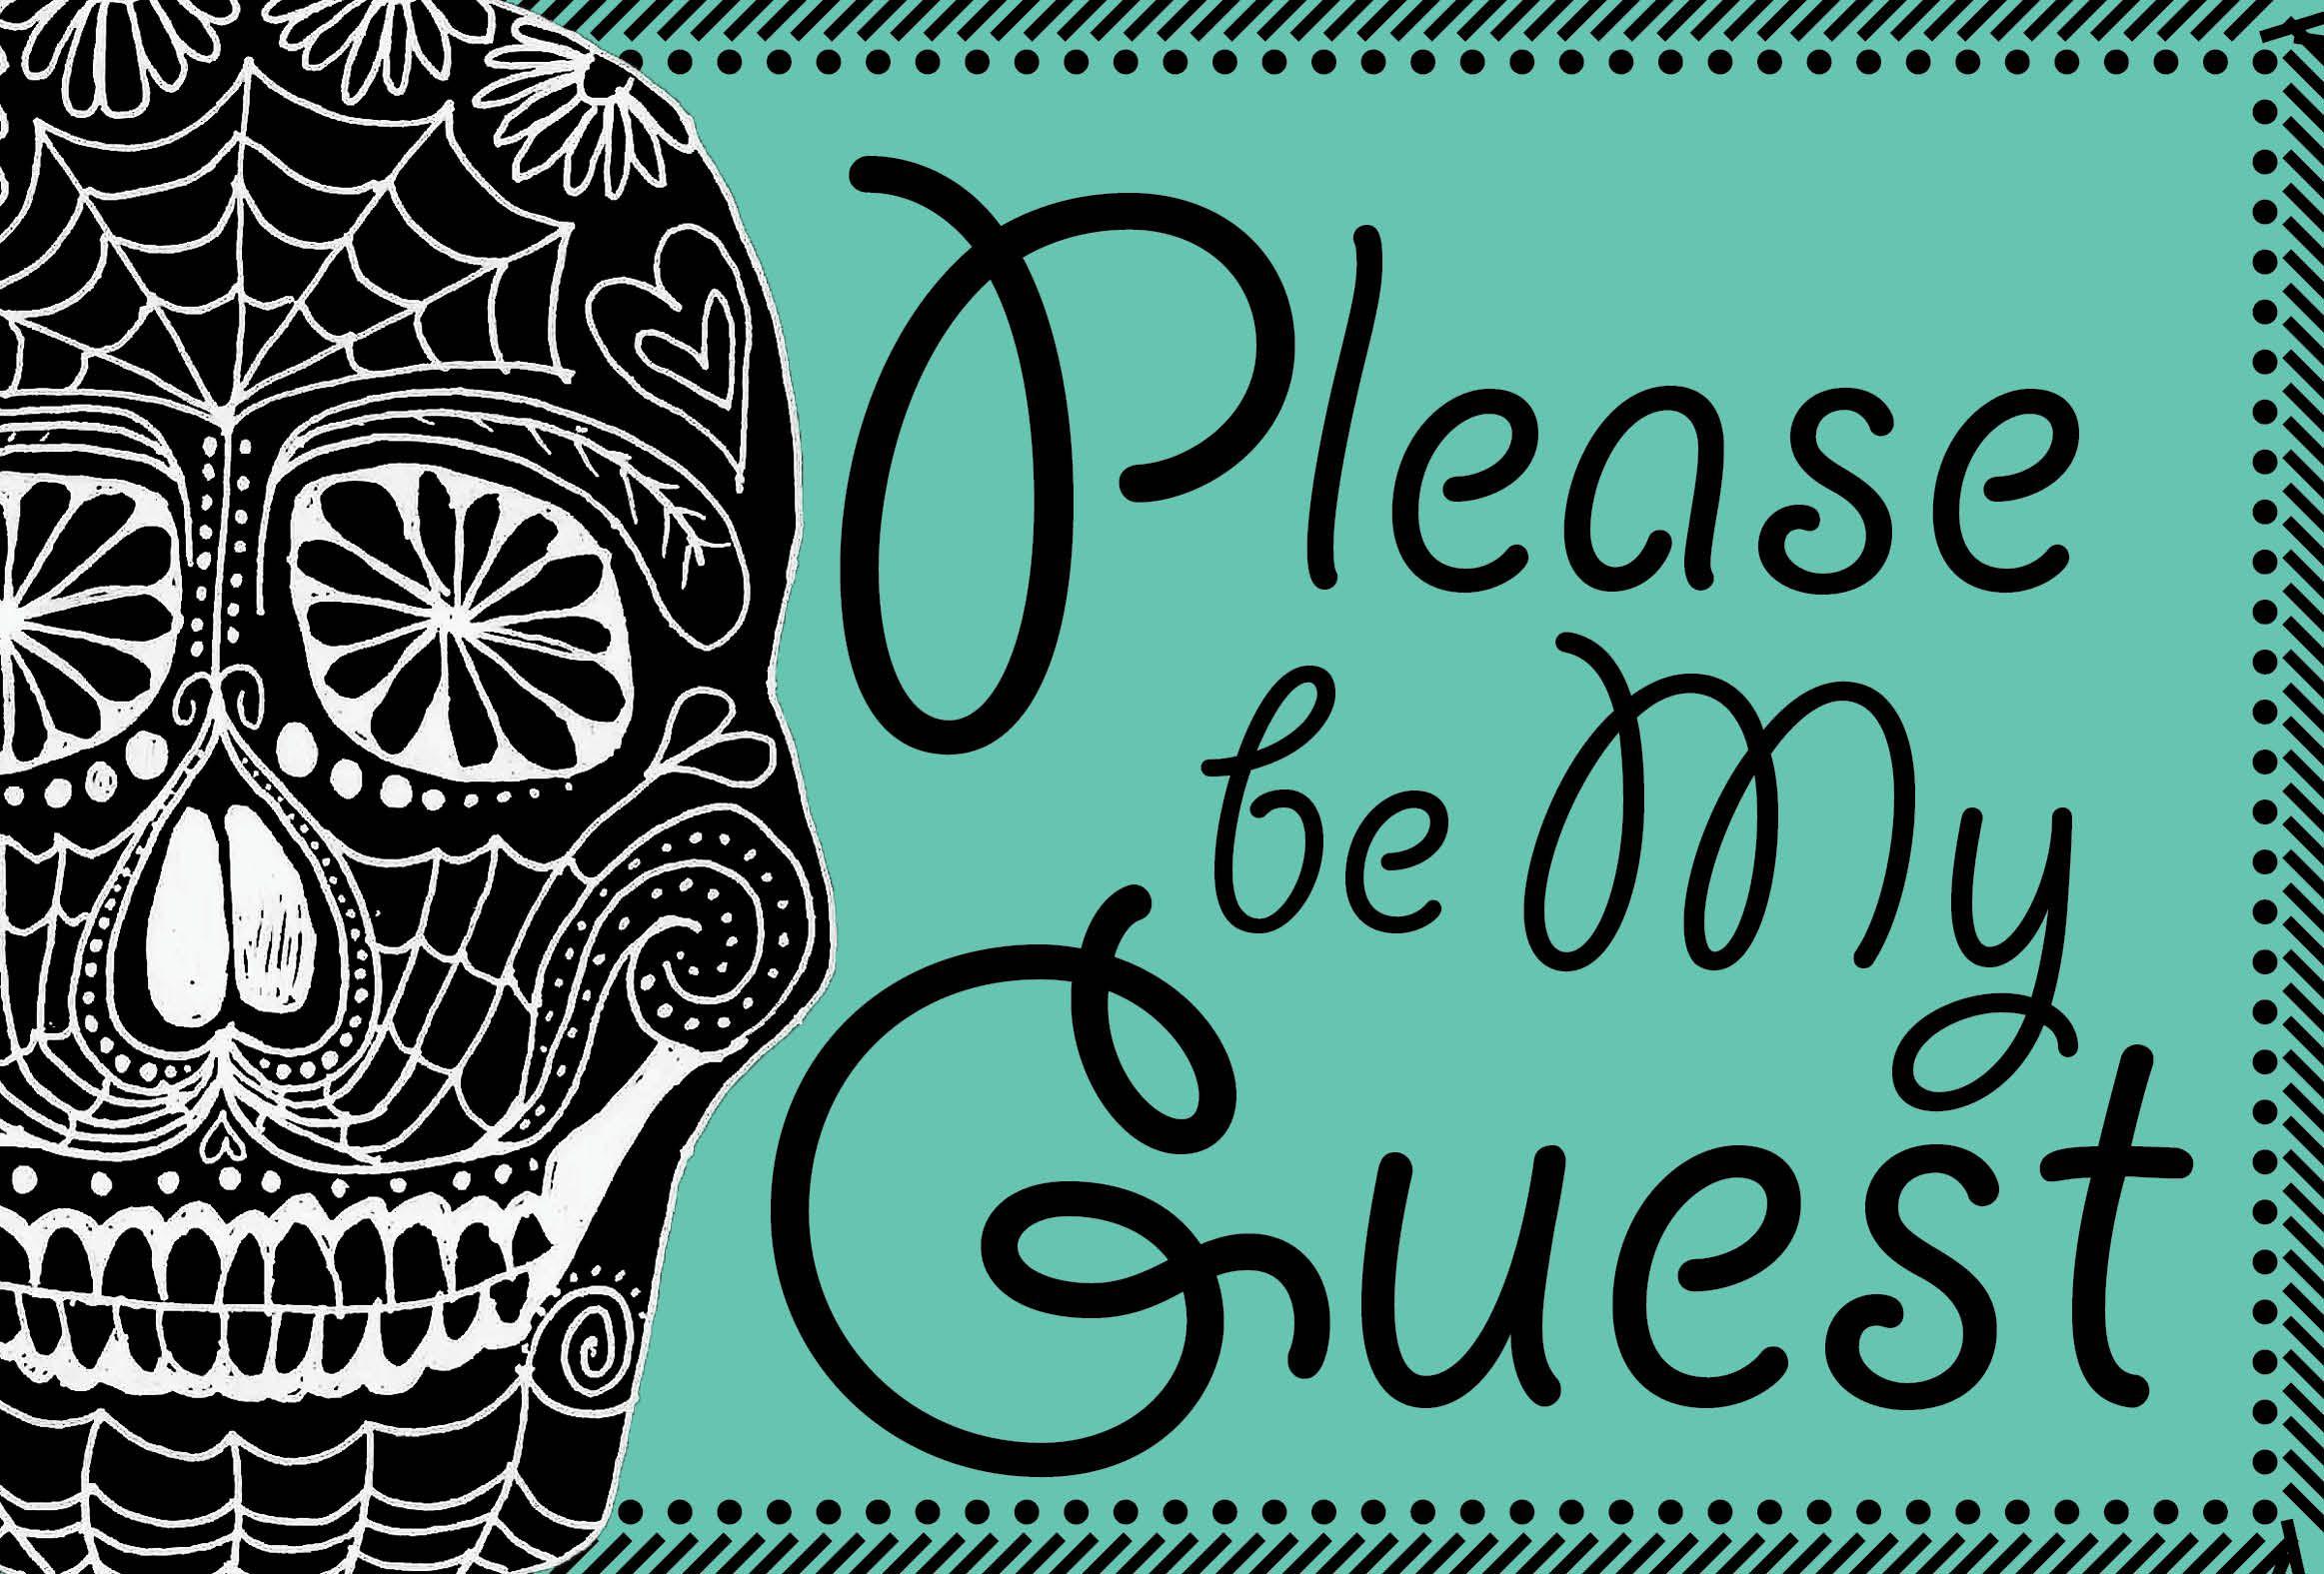 Pin by Mikaela Argen on Dia de los Muertos | Pinterest